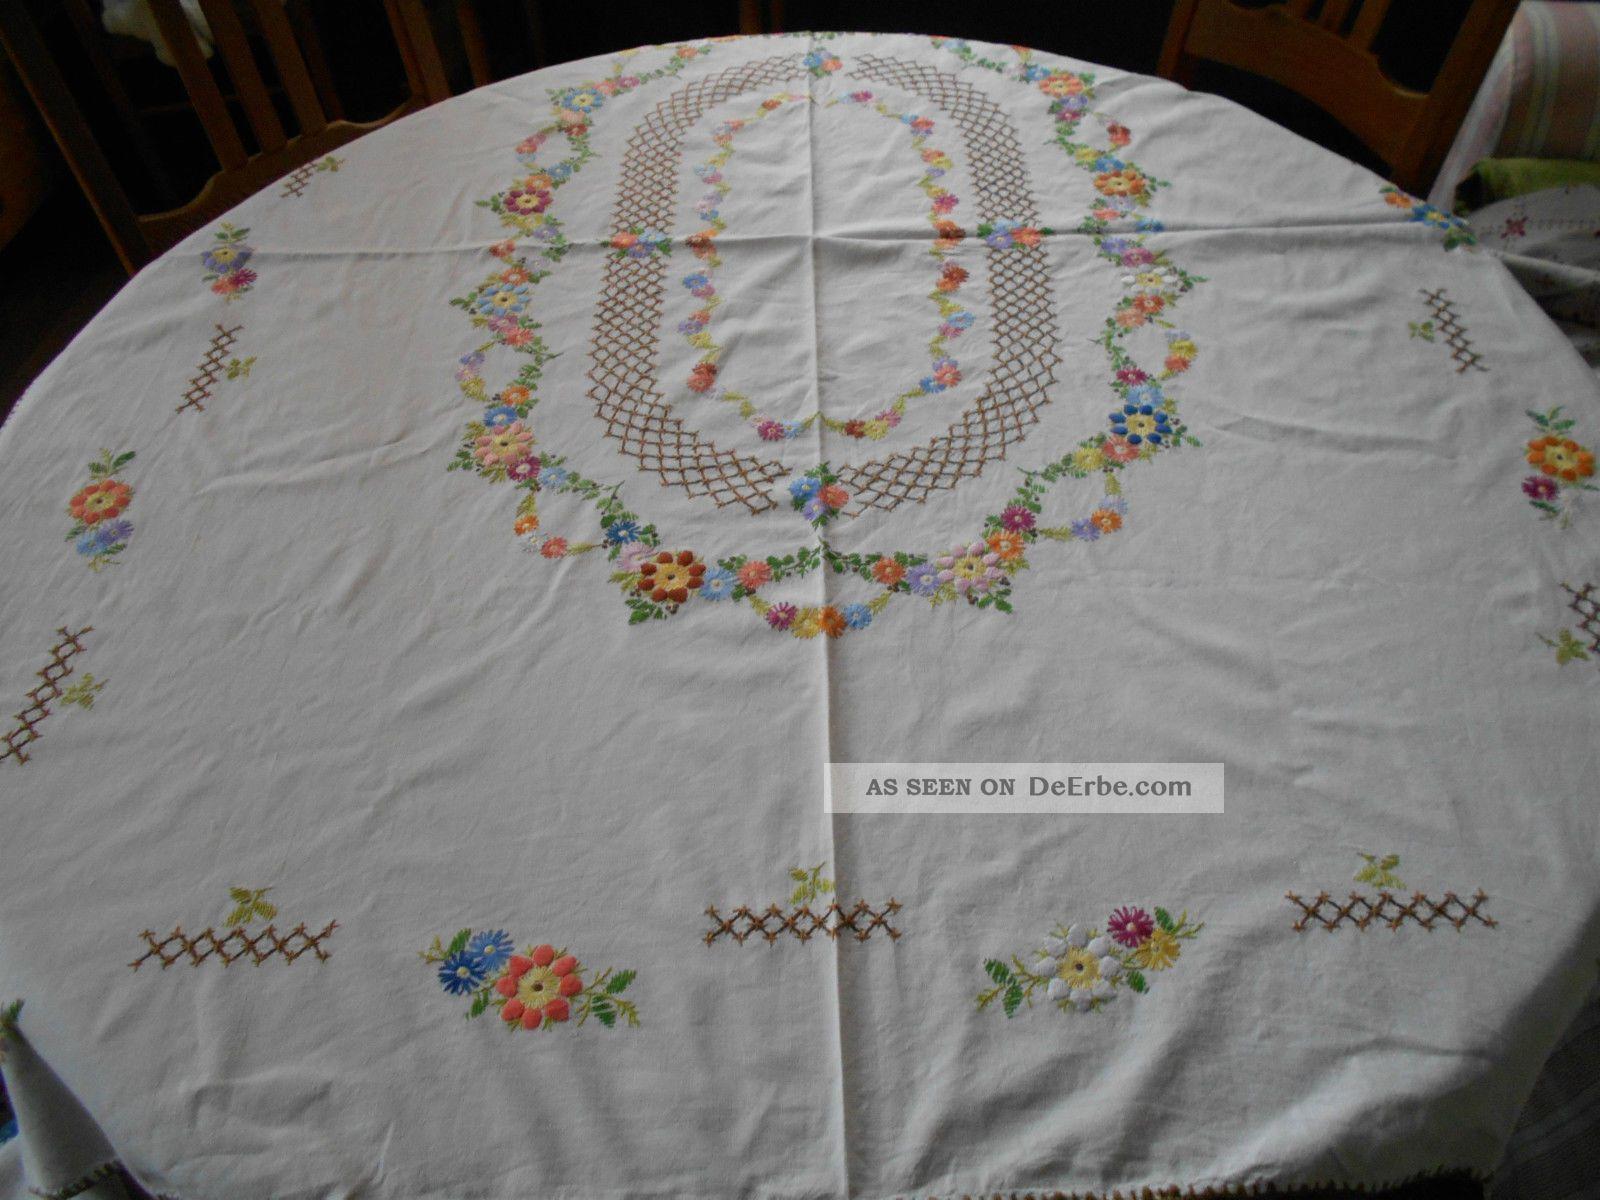 Alte Bestickte Tischdecke Blumen Sehr Aufwändige Handarbeit Tischdecken Bild